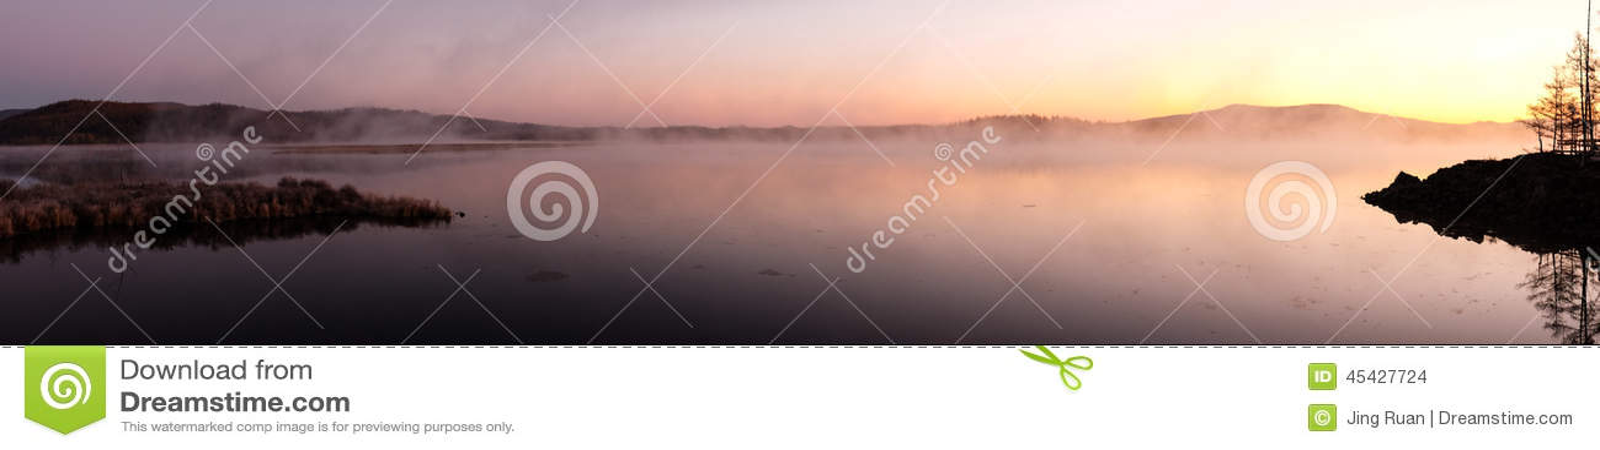 Mist van meer in de vroege ochtend